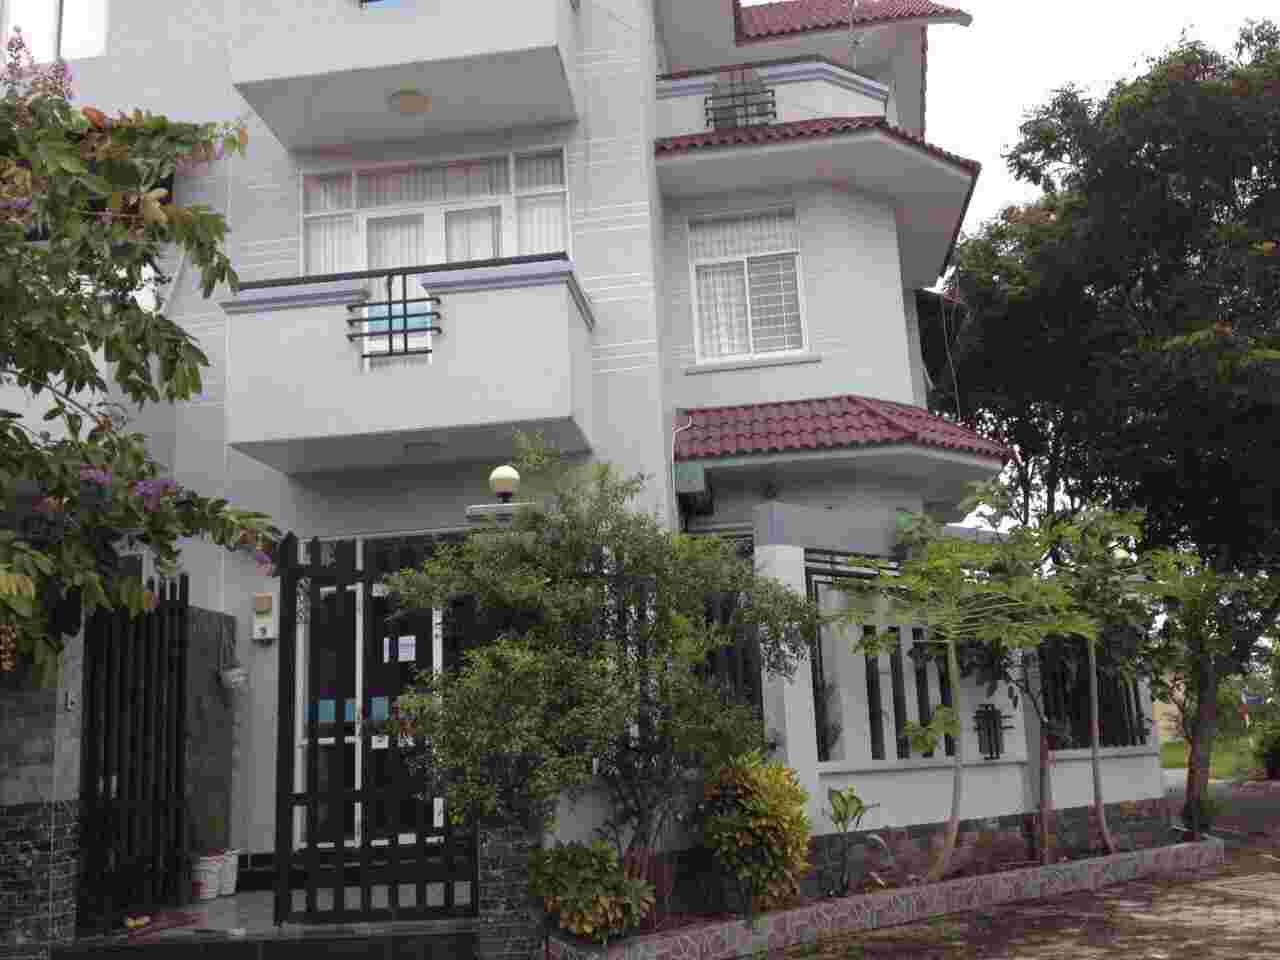 Bán nền đất nhà phố khu dân cư Sadeco Ven Sông Tân Phong Quận 7, lô góc 2 MT đường số 8 và số 5, giá 16.6 tỷ. LH: 0913.050.053  Mr Huynh.